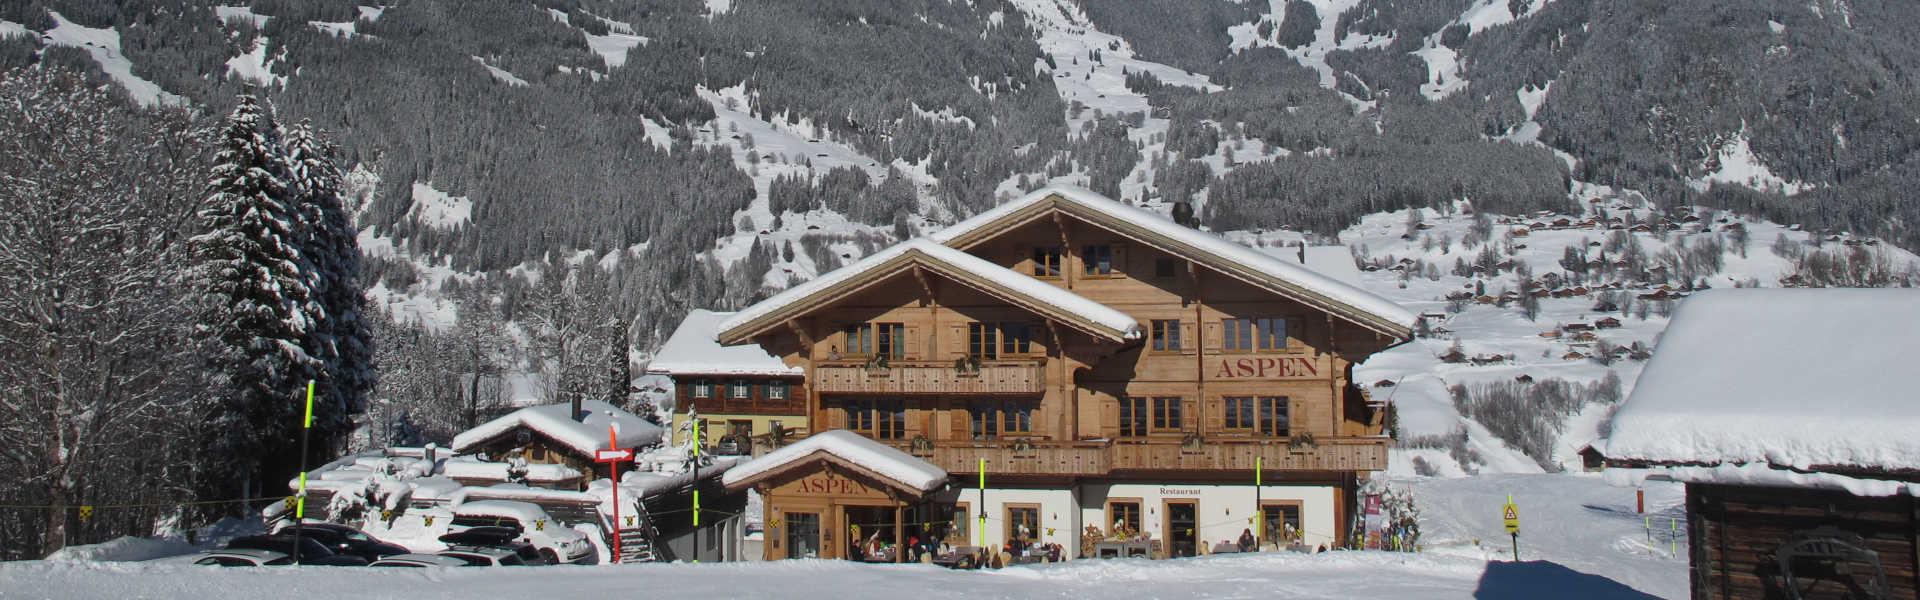 Aspen Hotel Grindelwald